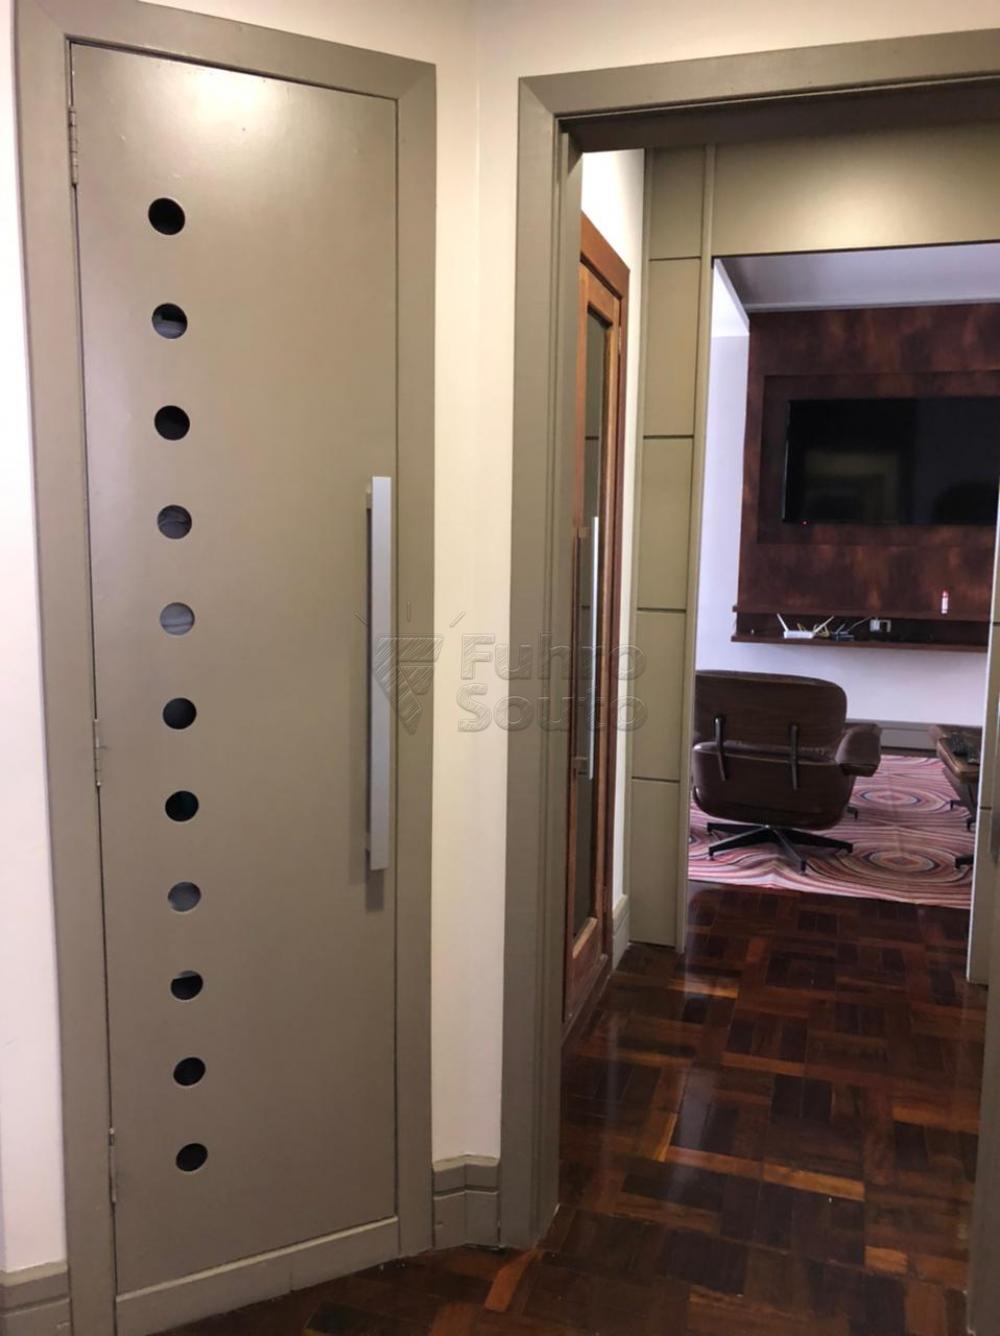 Comprar Apartamento / Padrão em Pelotas R$ 650.000,00 - Foto 26